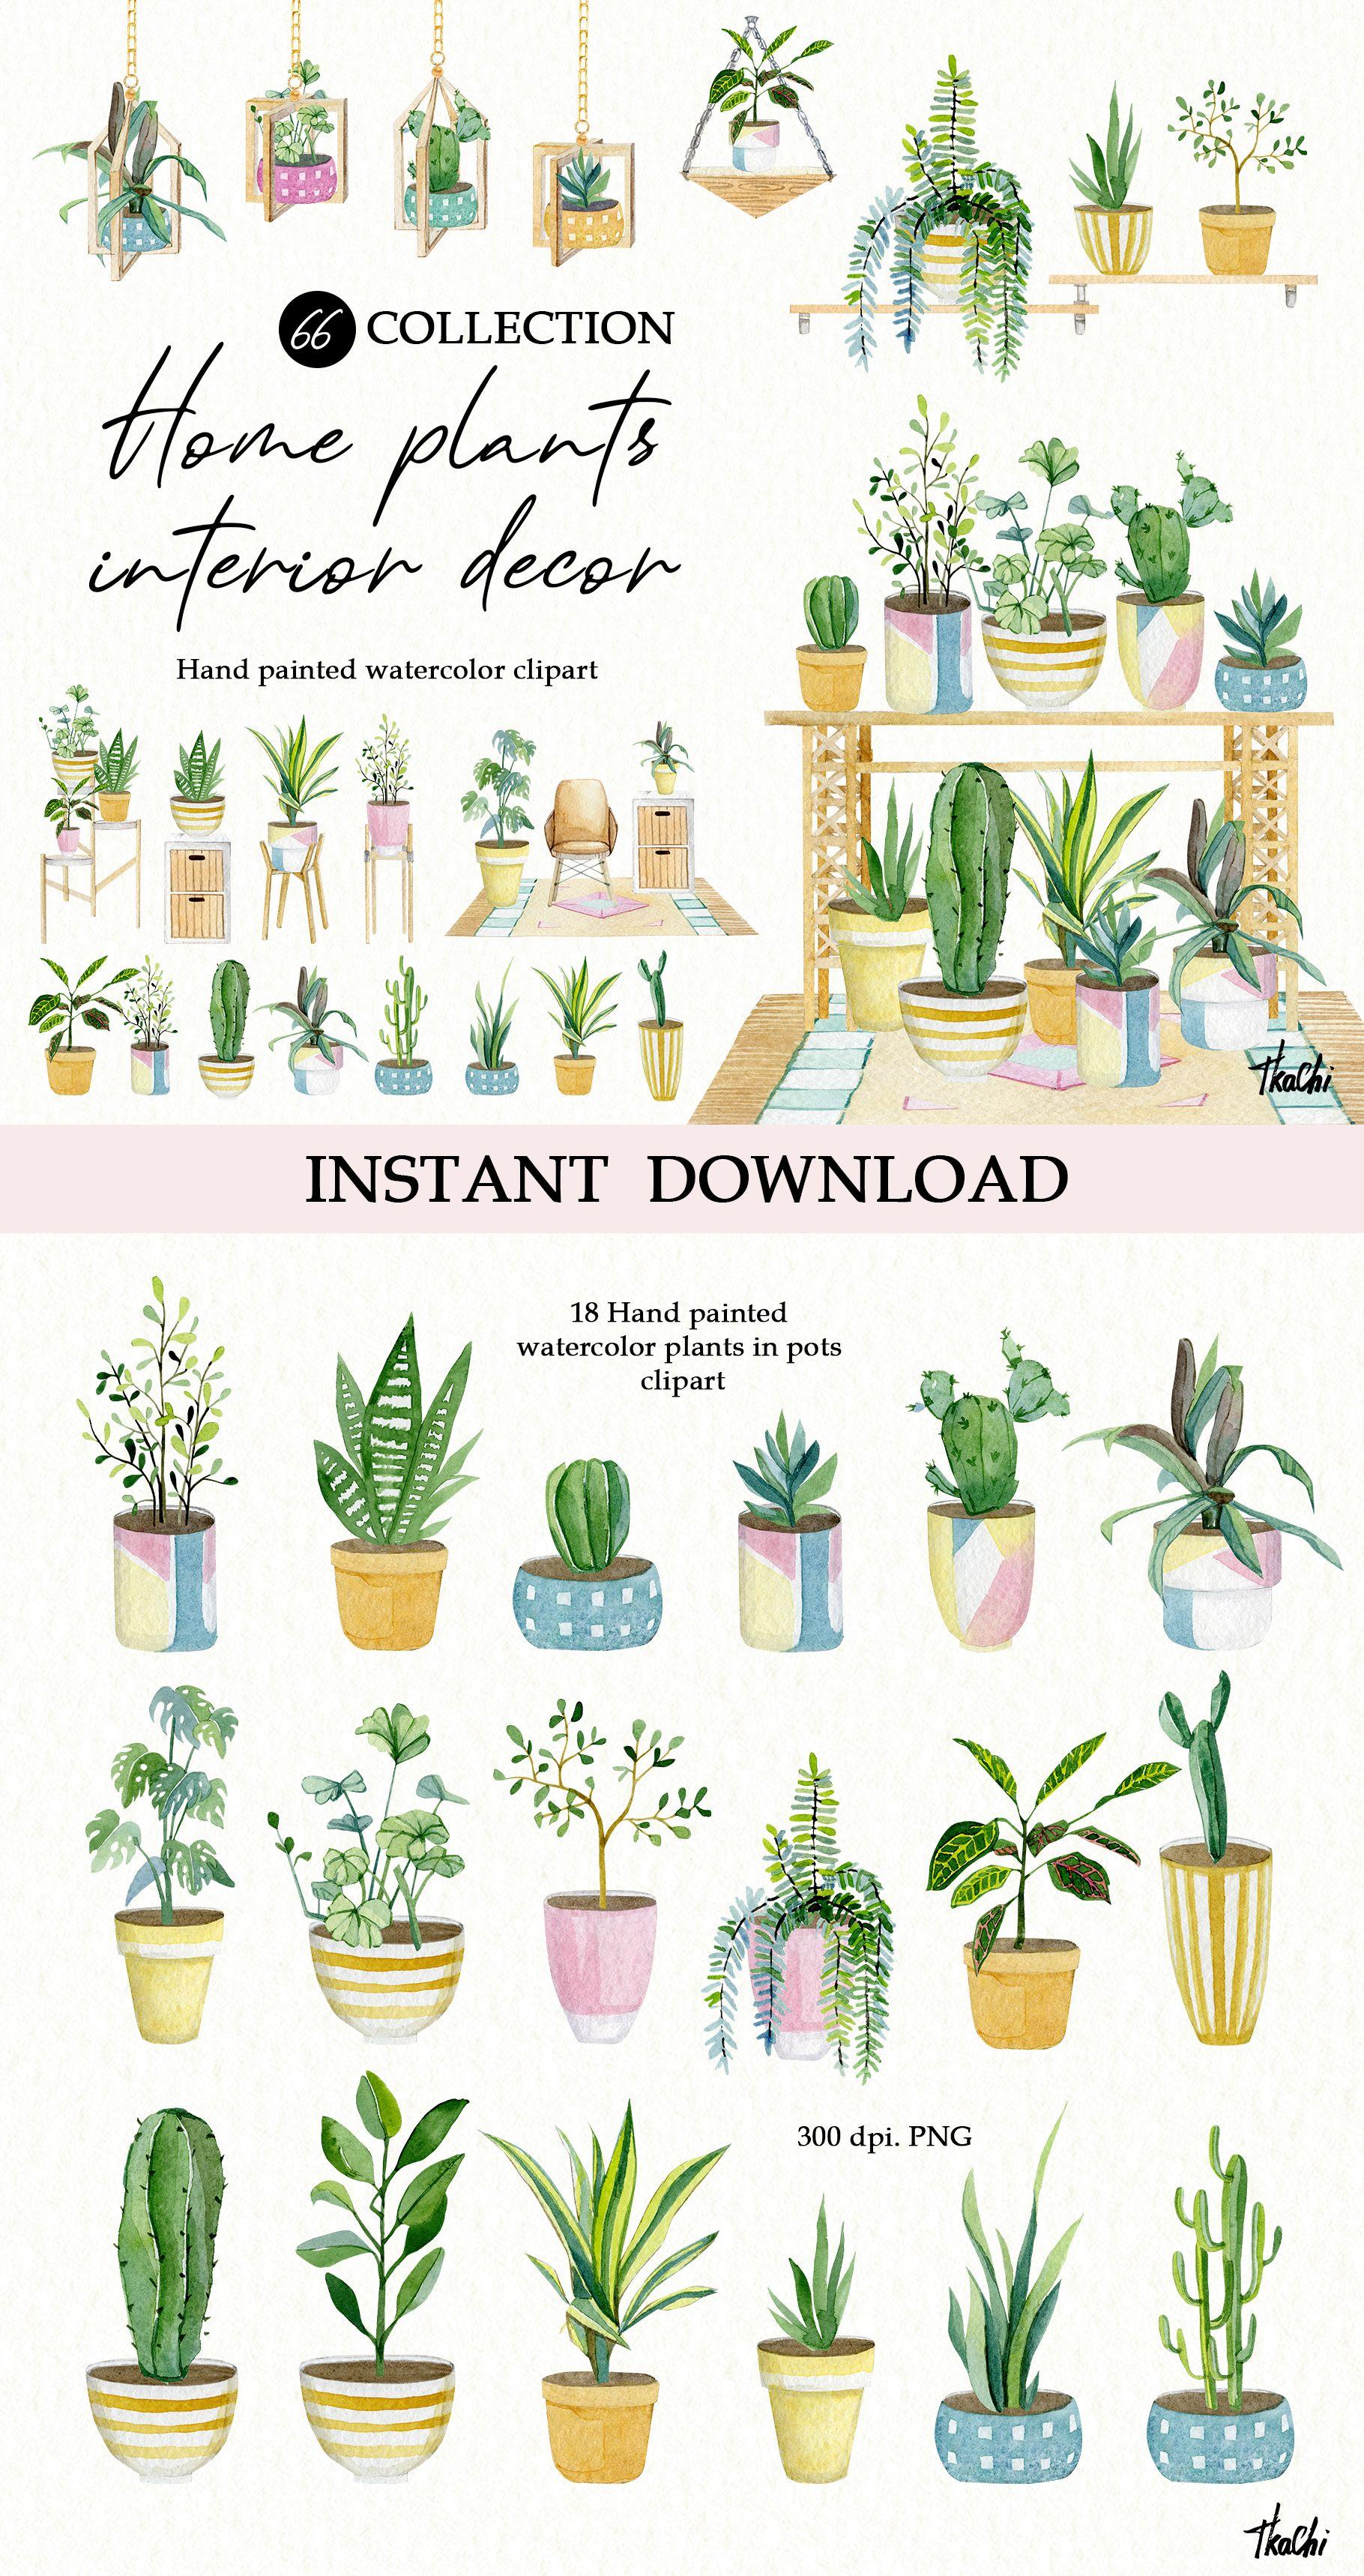 Indoor Plants Stock Illustrations – 10,227 Indoor Plants Stock  Illustrations, Vectors & Clipart - Dreamstime